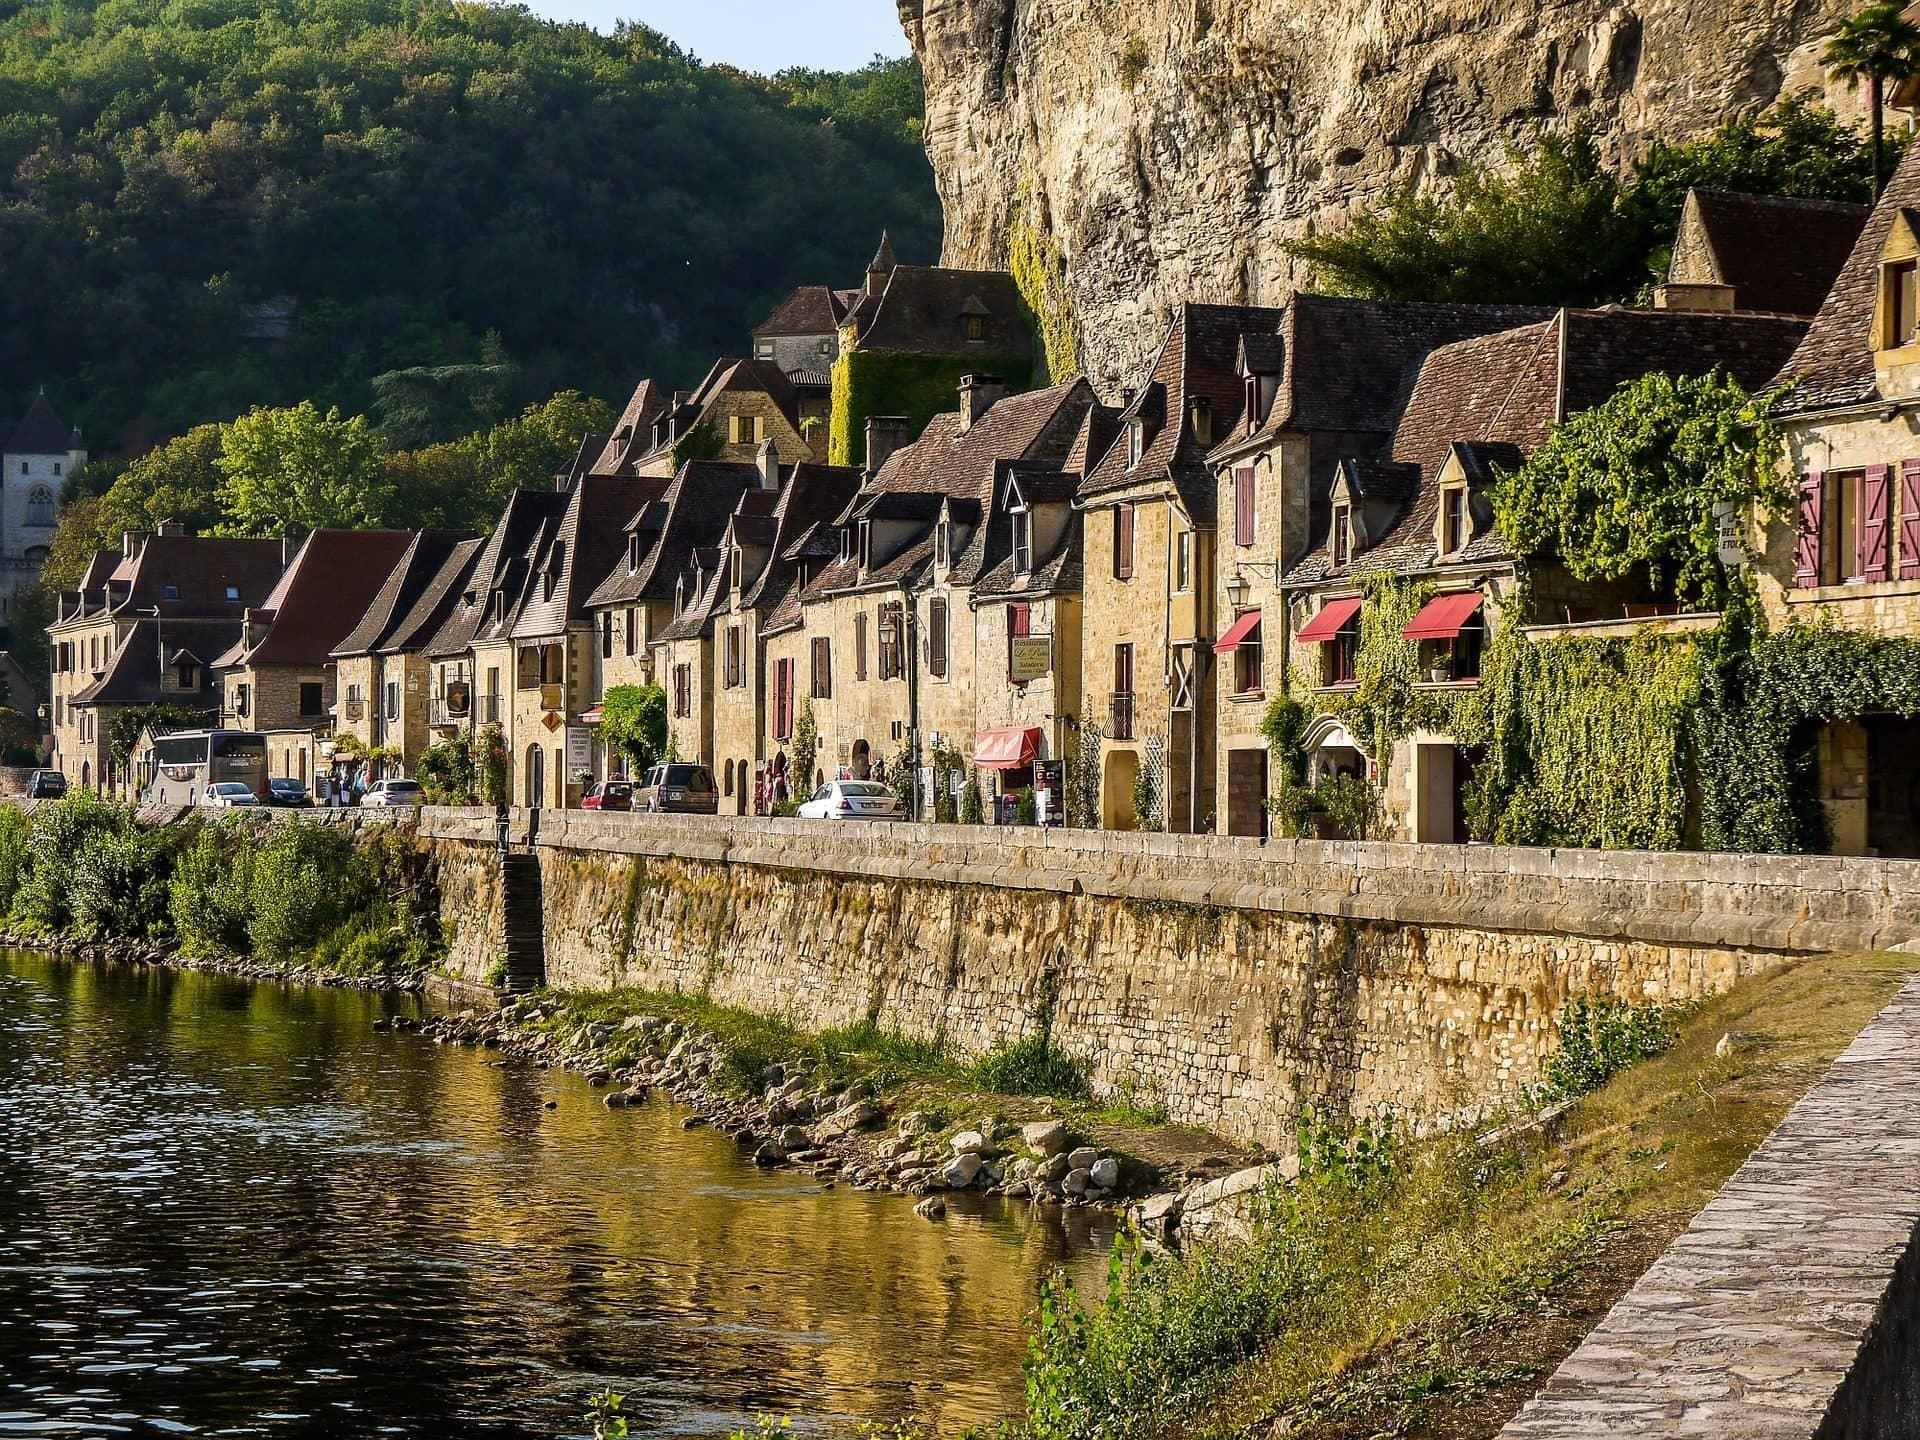 Die geheimen Gärten im Périgord - Oliva ReisenOliva Reisen, Ihre Nr. 1